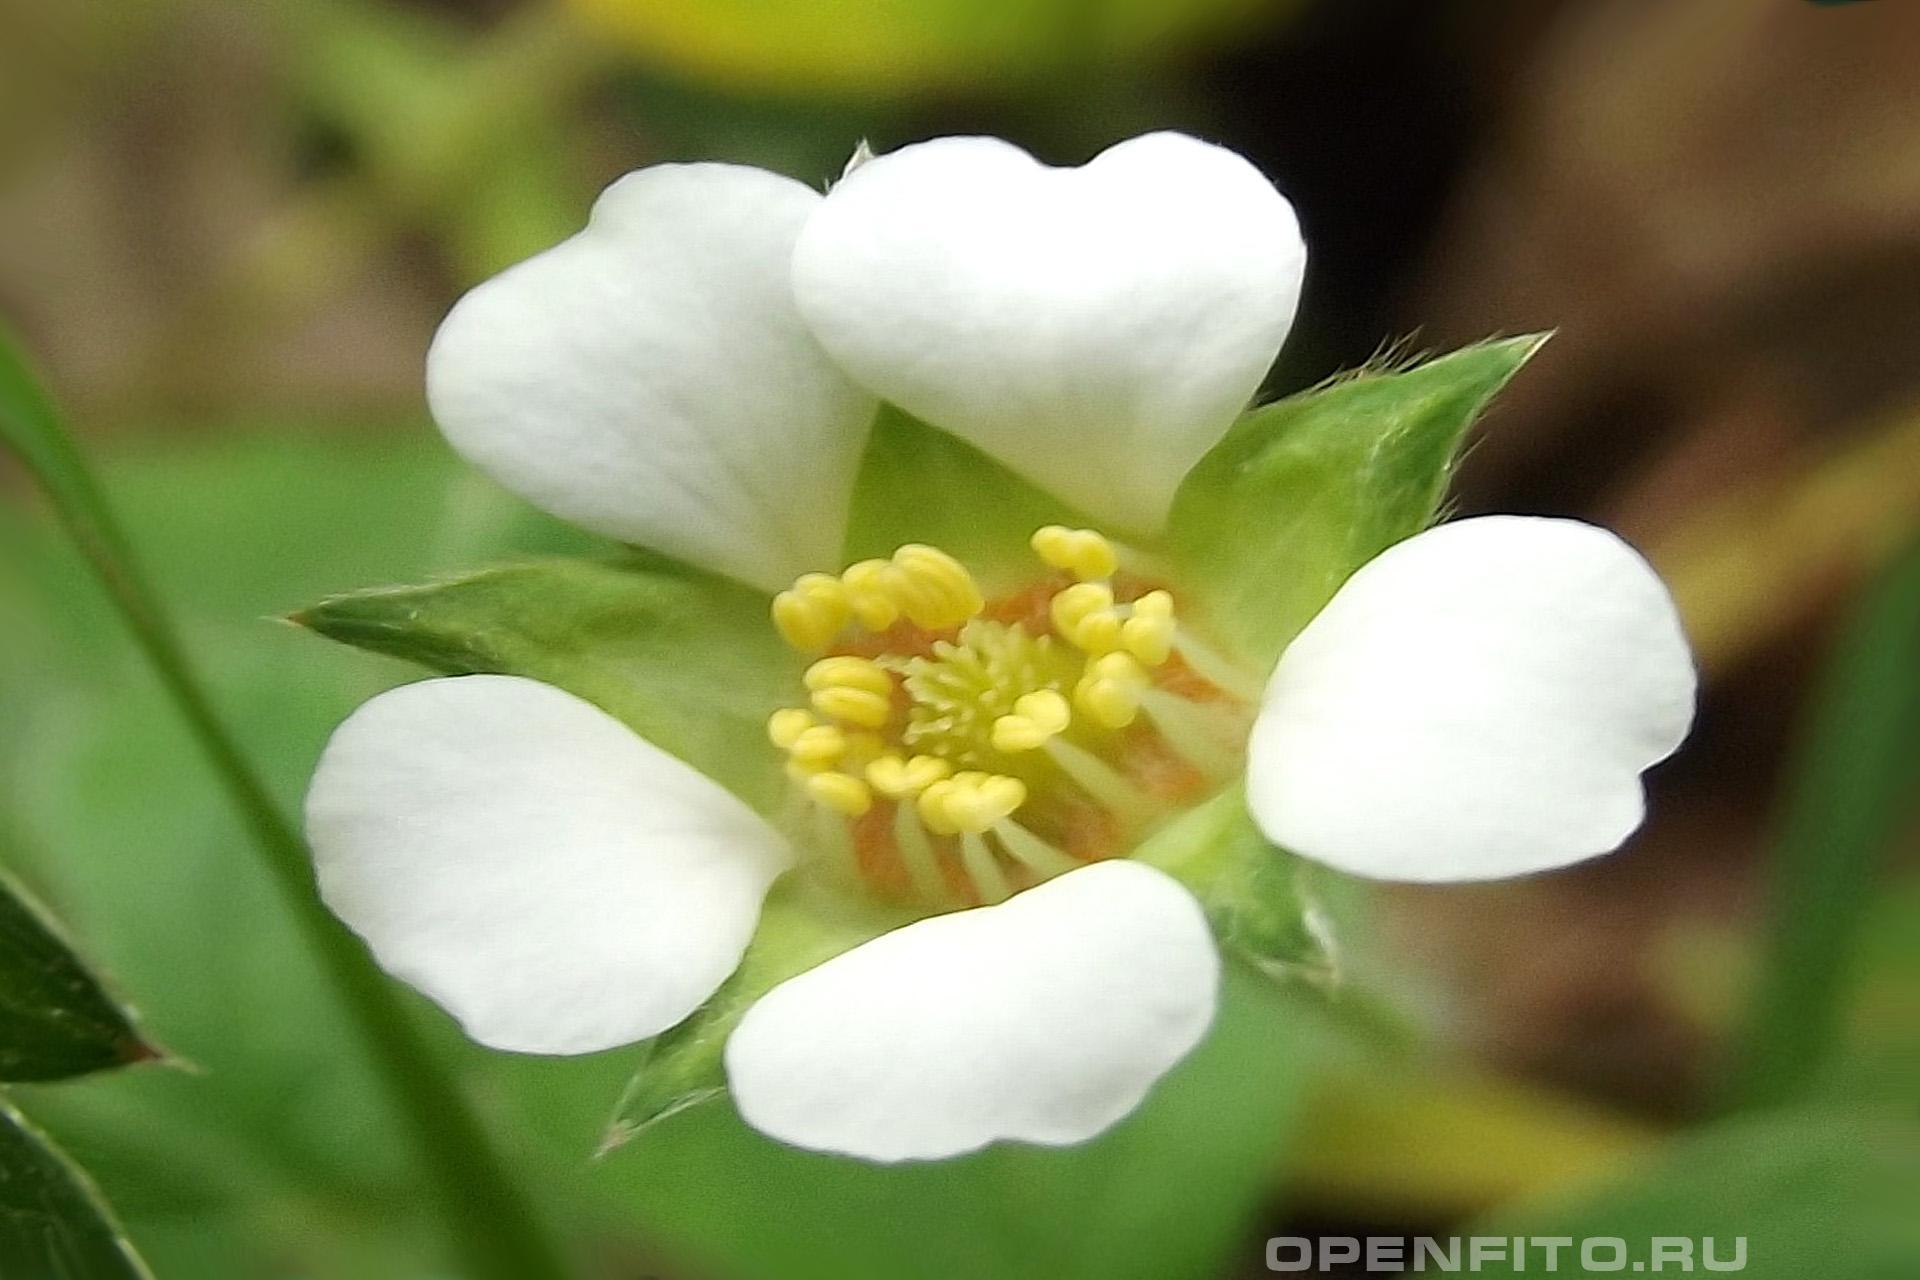 Лапчатка бесплодная маленький цветочек